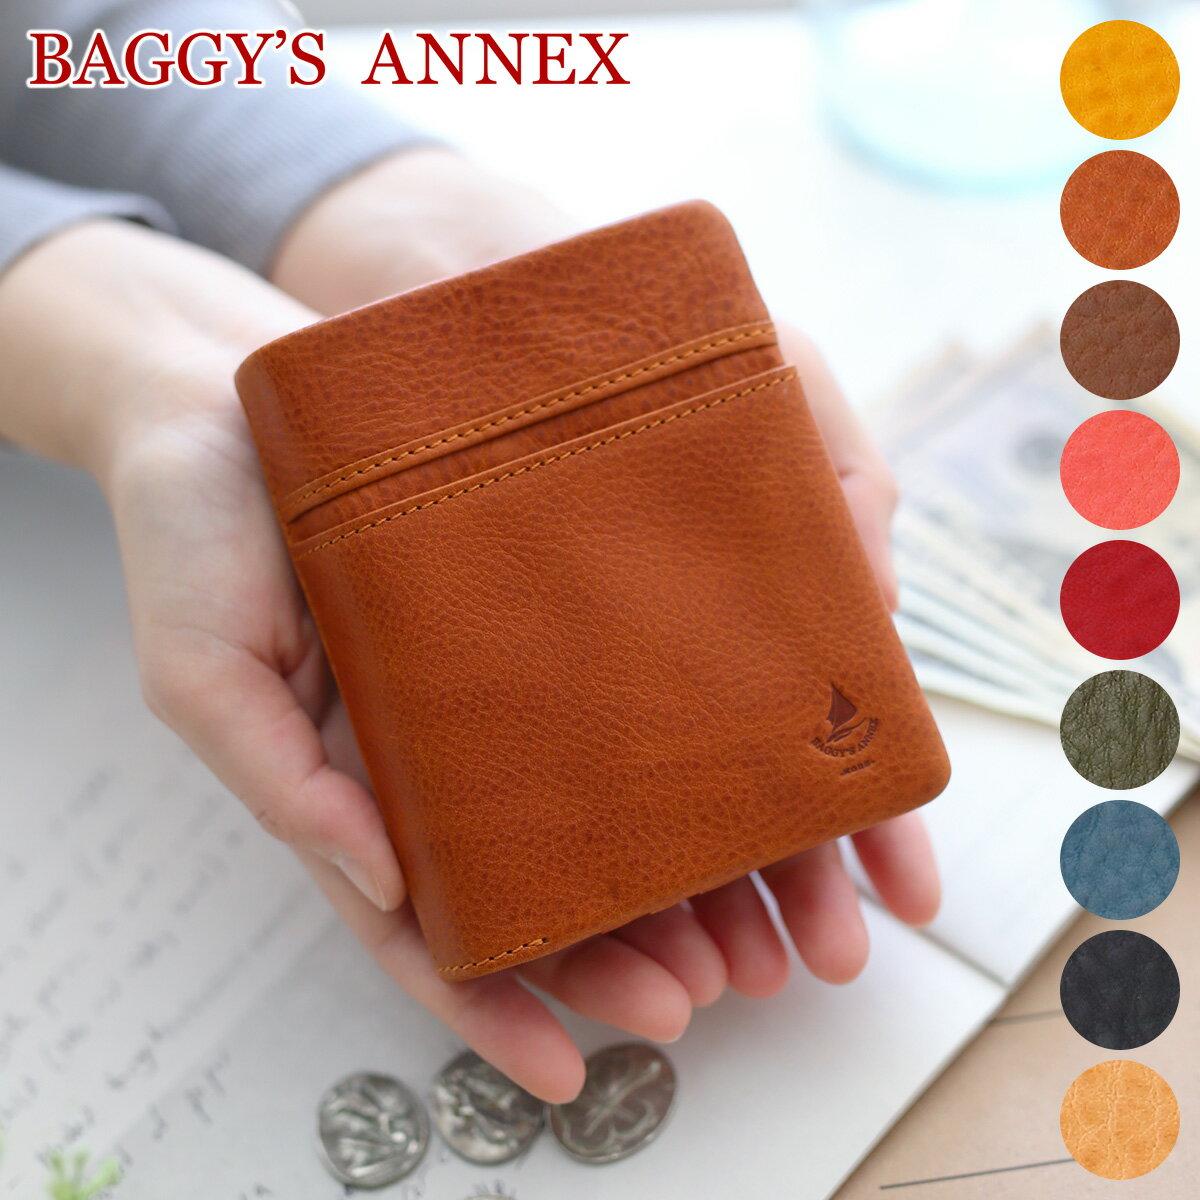 【選べるかわいいノベルティ付】 BAGGY'S ANNEX バギーズアネックス 財布 ミネルバミネルバボックス L字ファスナー二つ折り財布 LZYS-8002レディース BAGGY PORT バギーポート ギフト プレゼント